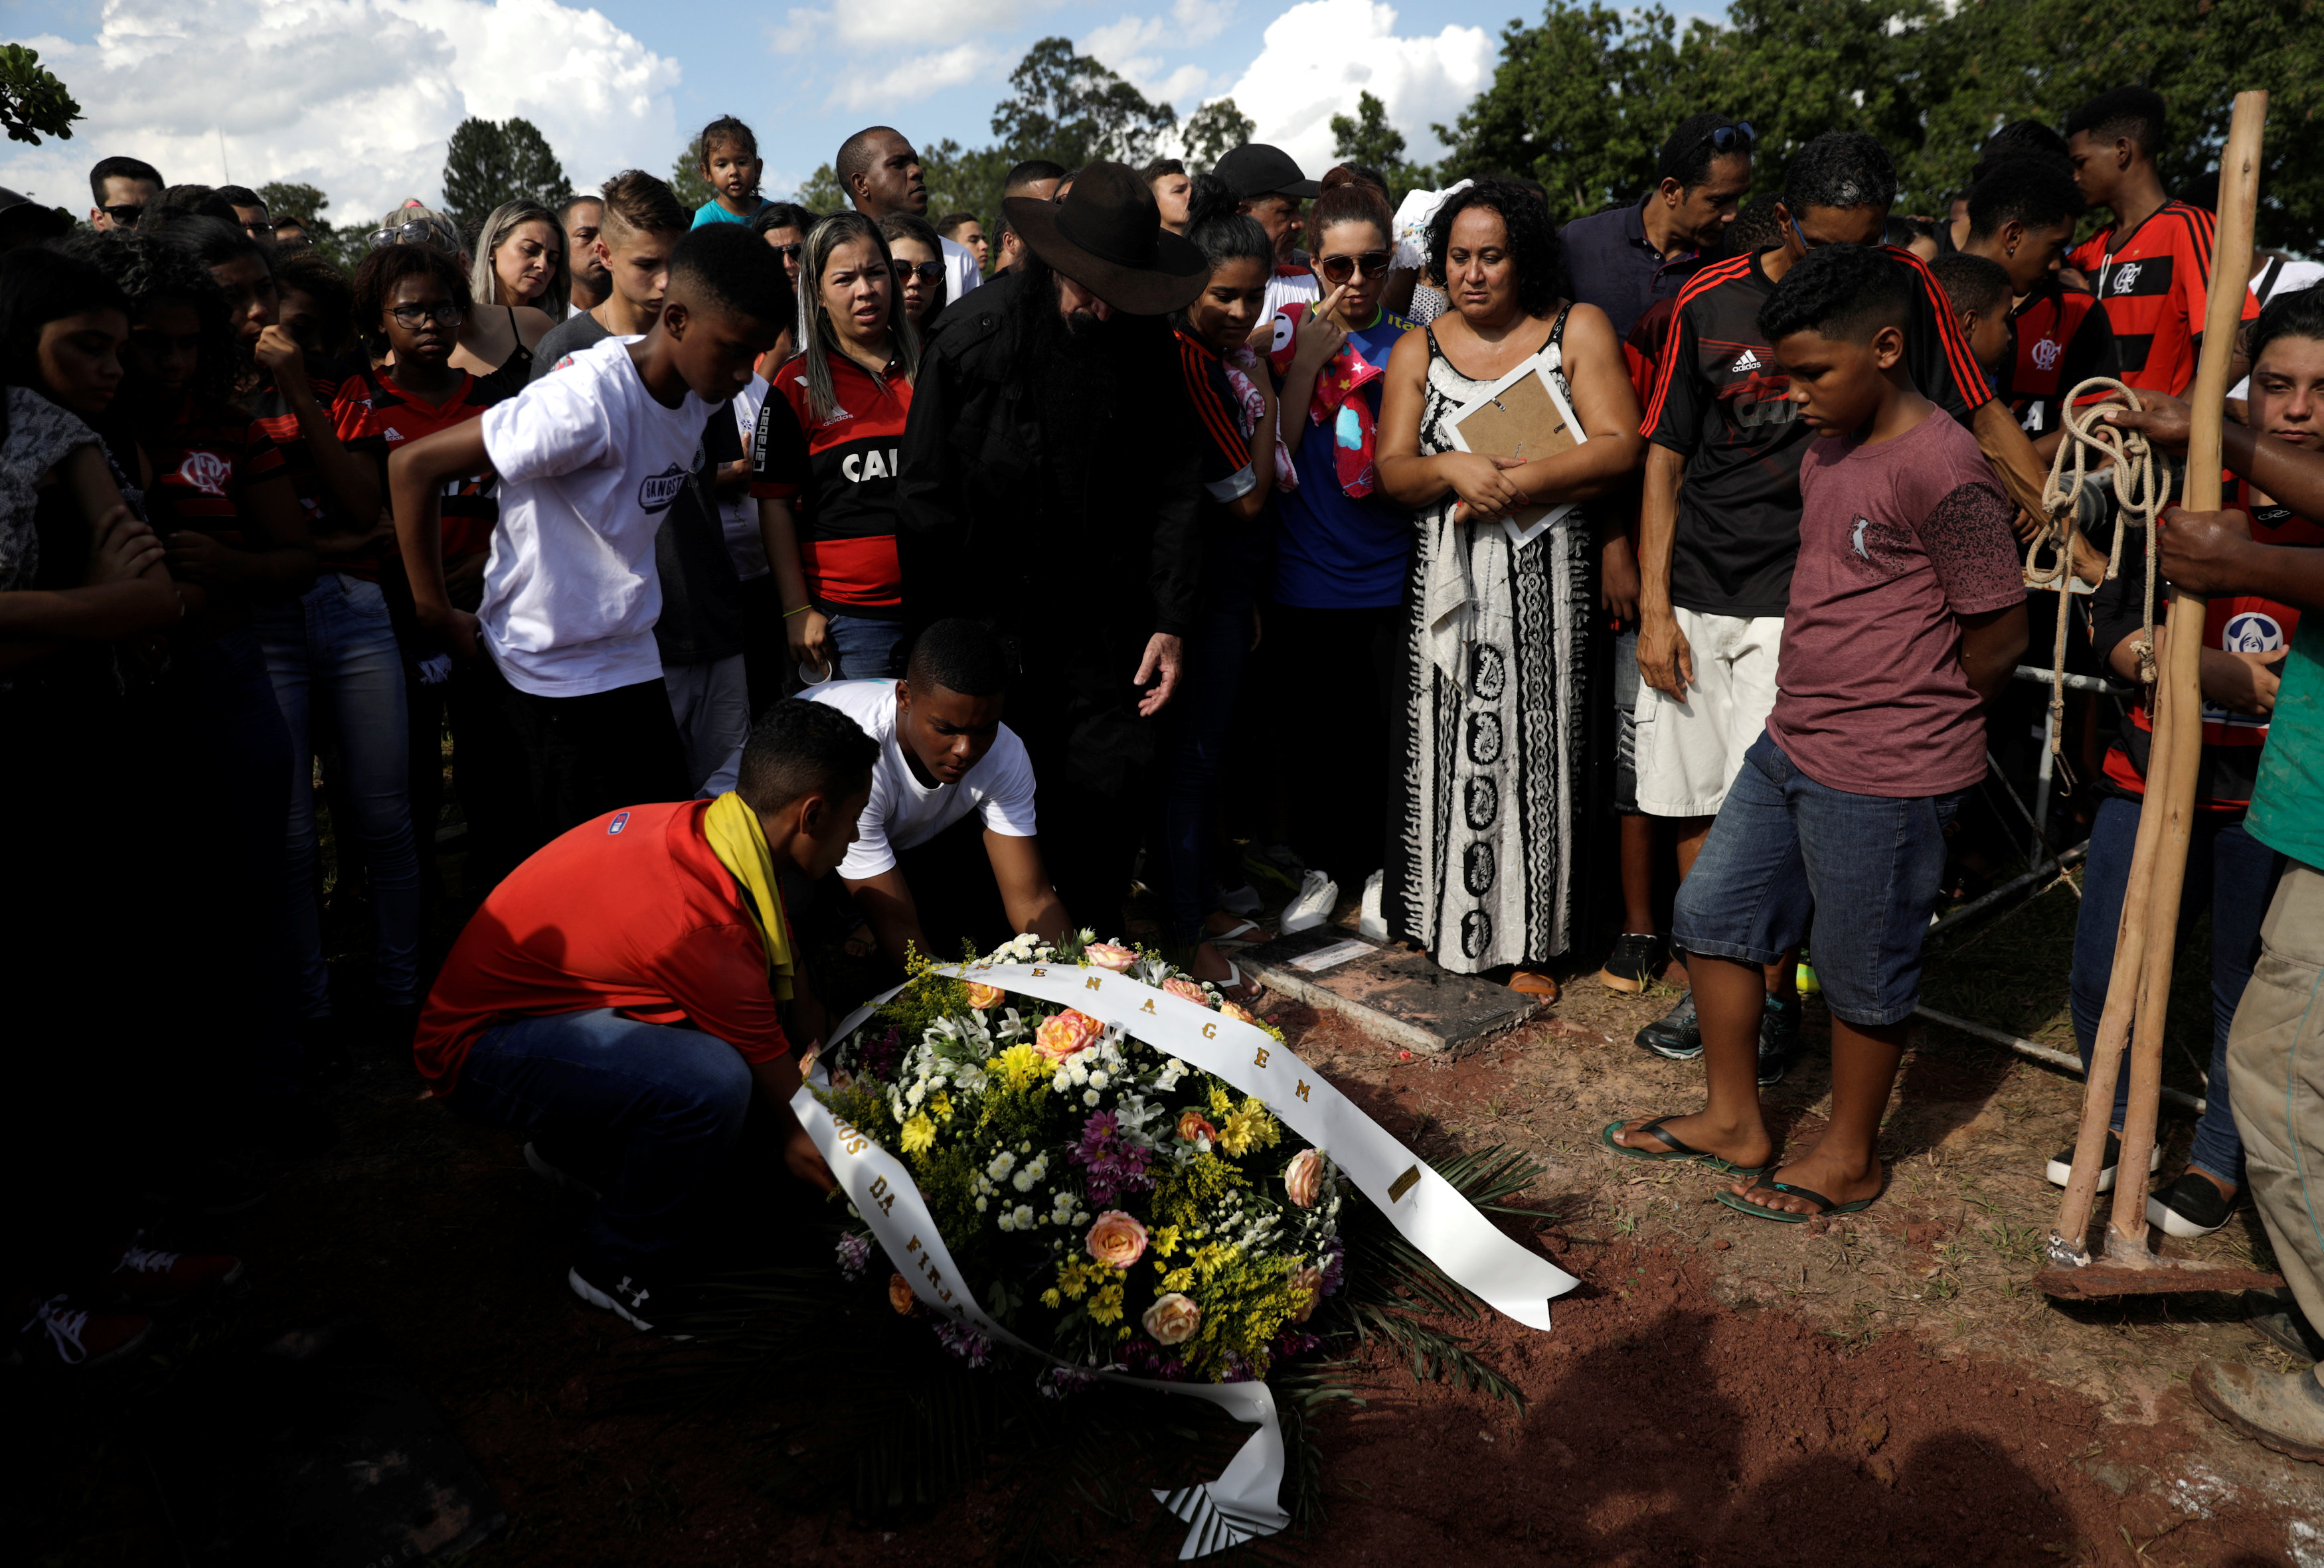 تشييع جثامين قتلى حريق مركز تدريب نادى فلامنجو البرازيلى (4)